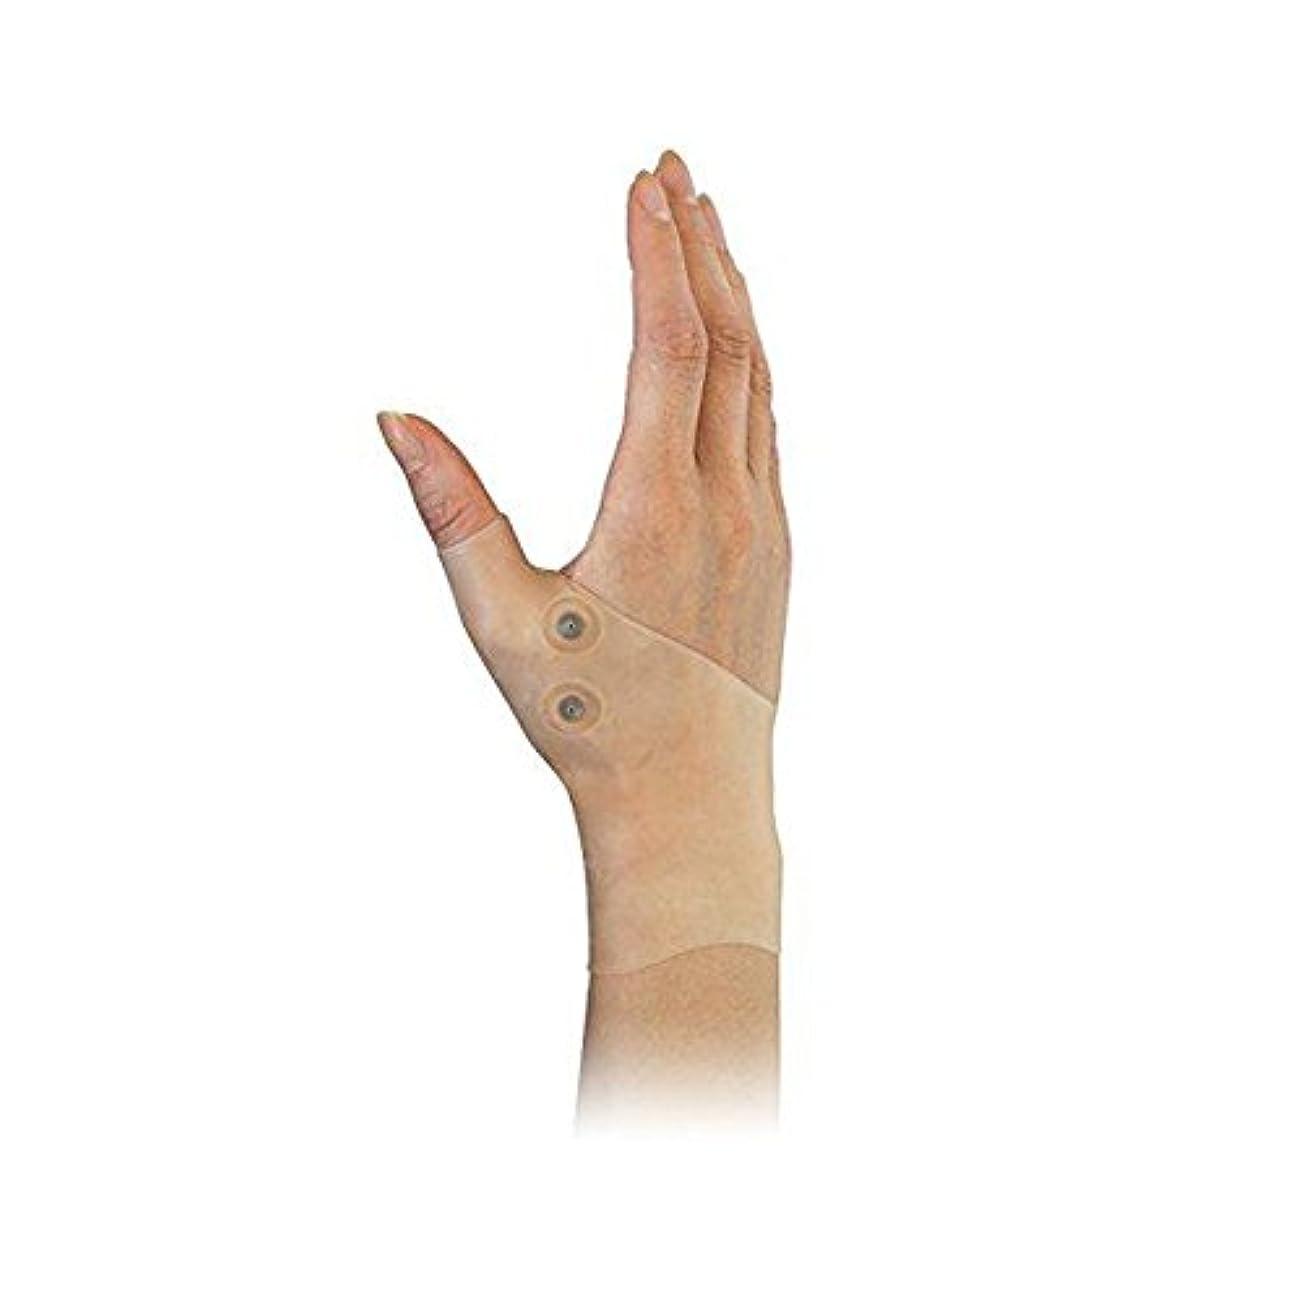 ミリメートル正しく立方体DOMO 親指サポーター 手首サポーター 肌の色合い 磁気療法 シリコーン素材 手首ブレース 保護 弾性 洗える 捻挫 腱鞘炎 タイピング 手首と親指の痛み リウマチ 関節炎用 男女兼用